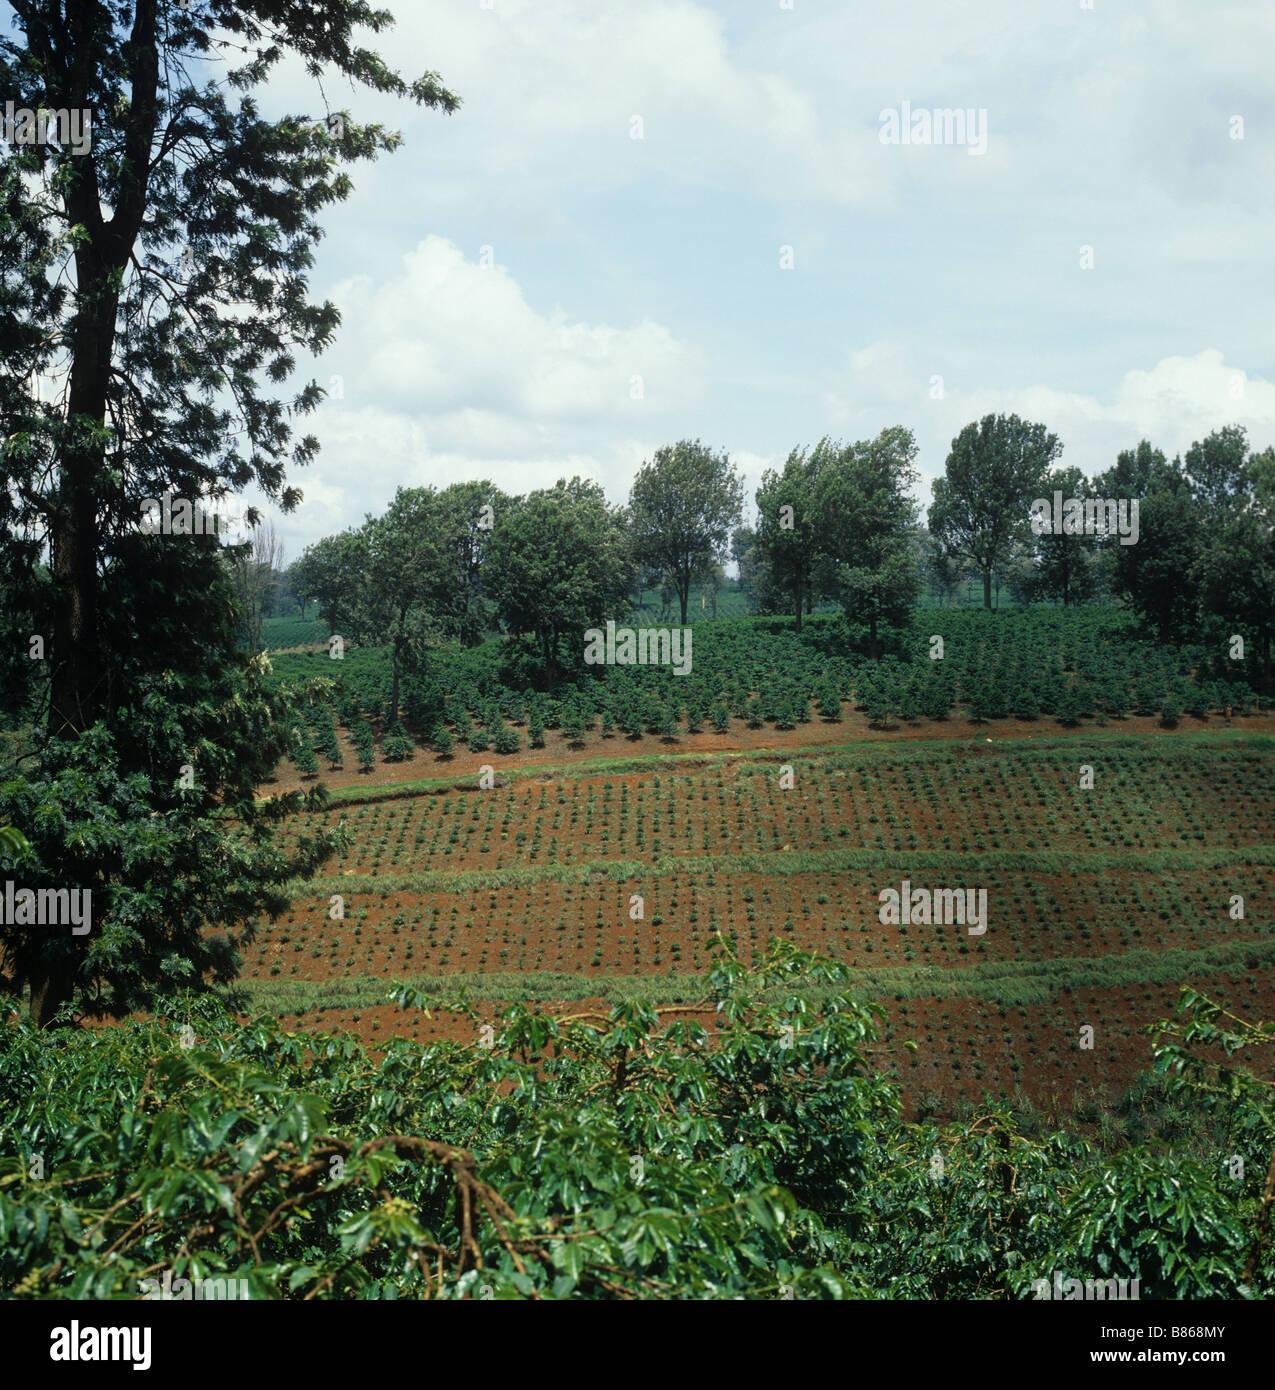 Vista de jóvenes recién plantado en plantaciones de café arábica con árboles de sombra Imagen De Stock